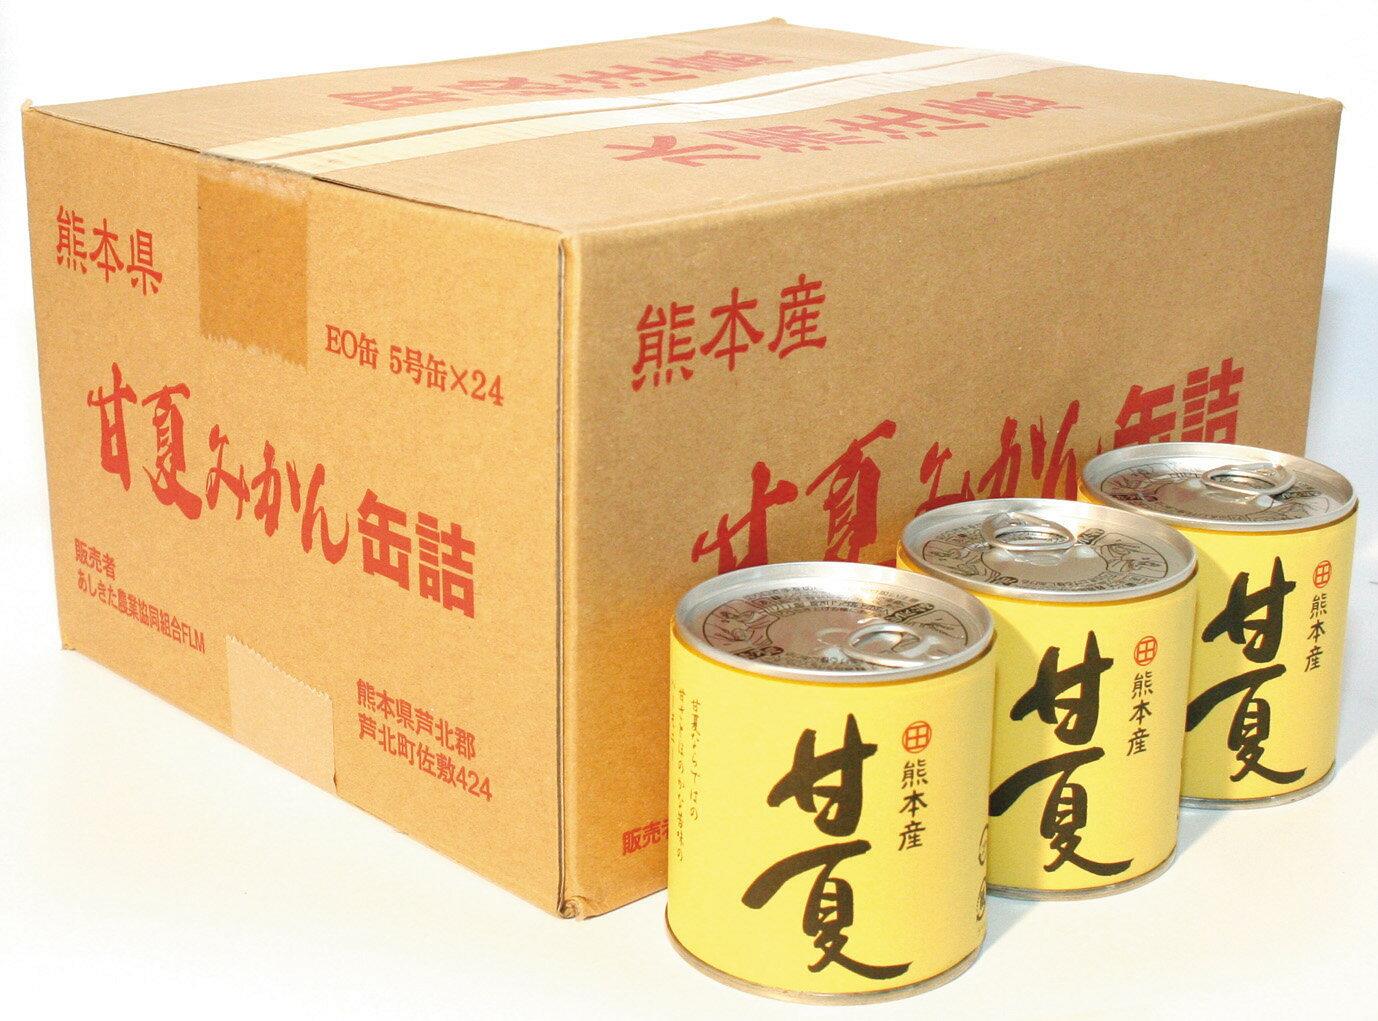 甘夏缶詰 295g×24缶